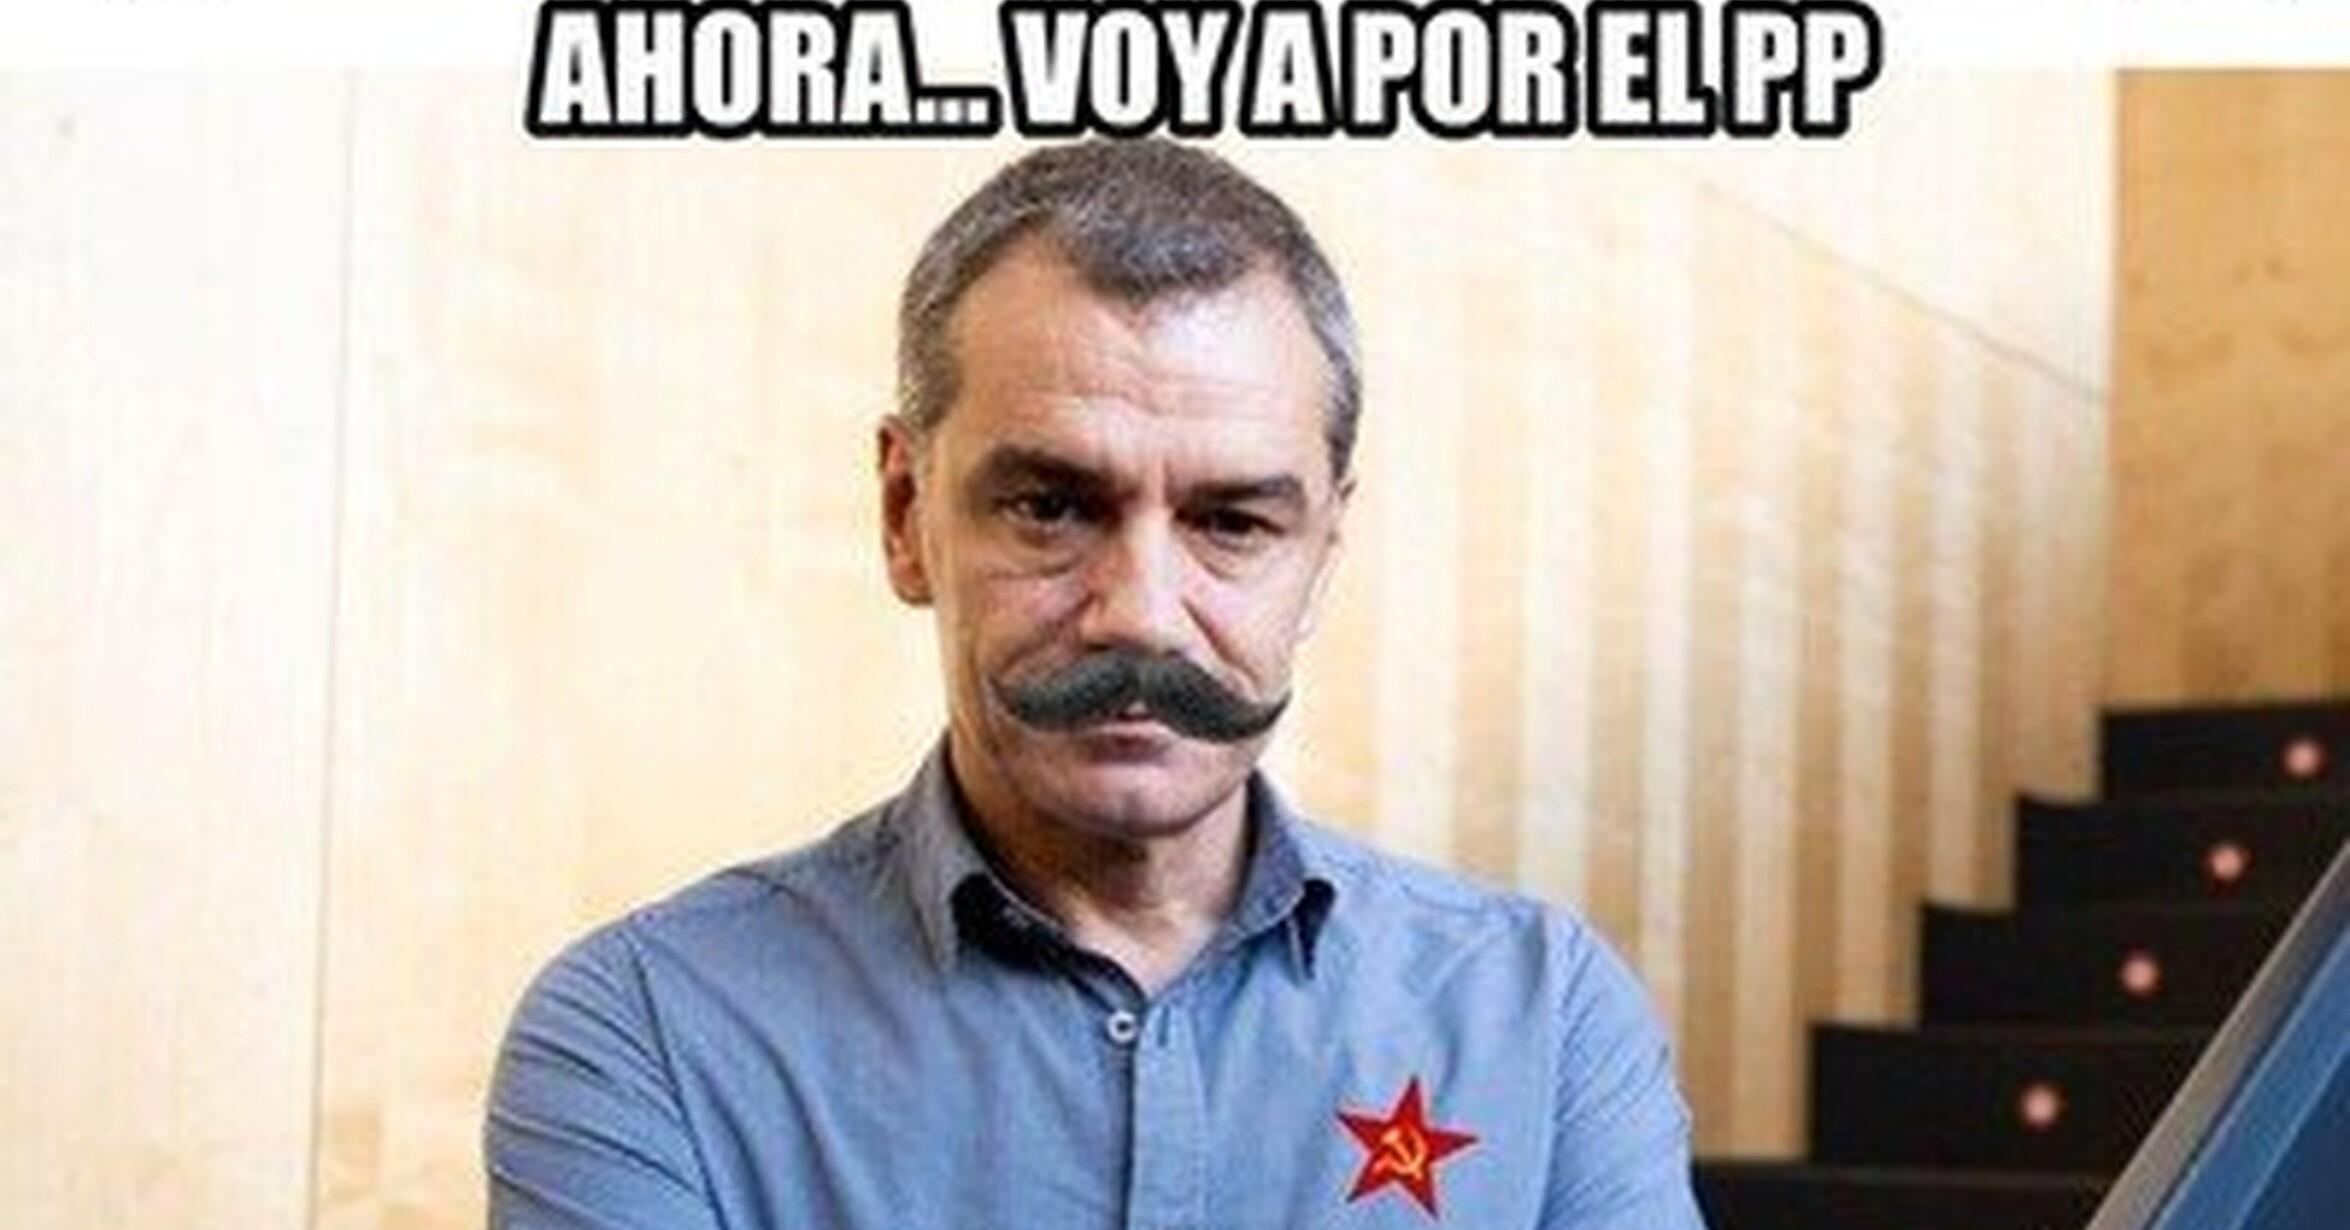 Toni Cantó vuelve a cambiar de Partido Político. - Página 11 AVE_650026_2c8af0e8be954609a6555f5e8ebe8daa_politica_camarada_toni_canto_thumb_fb